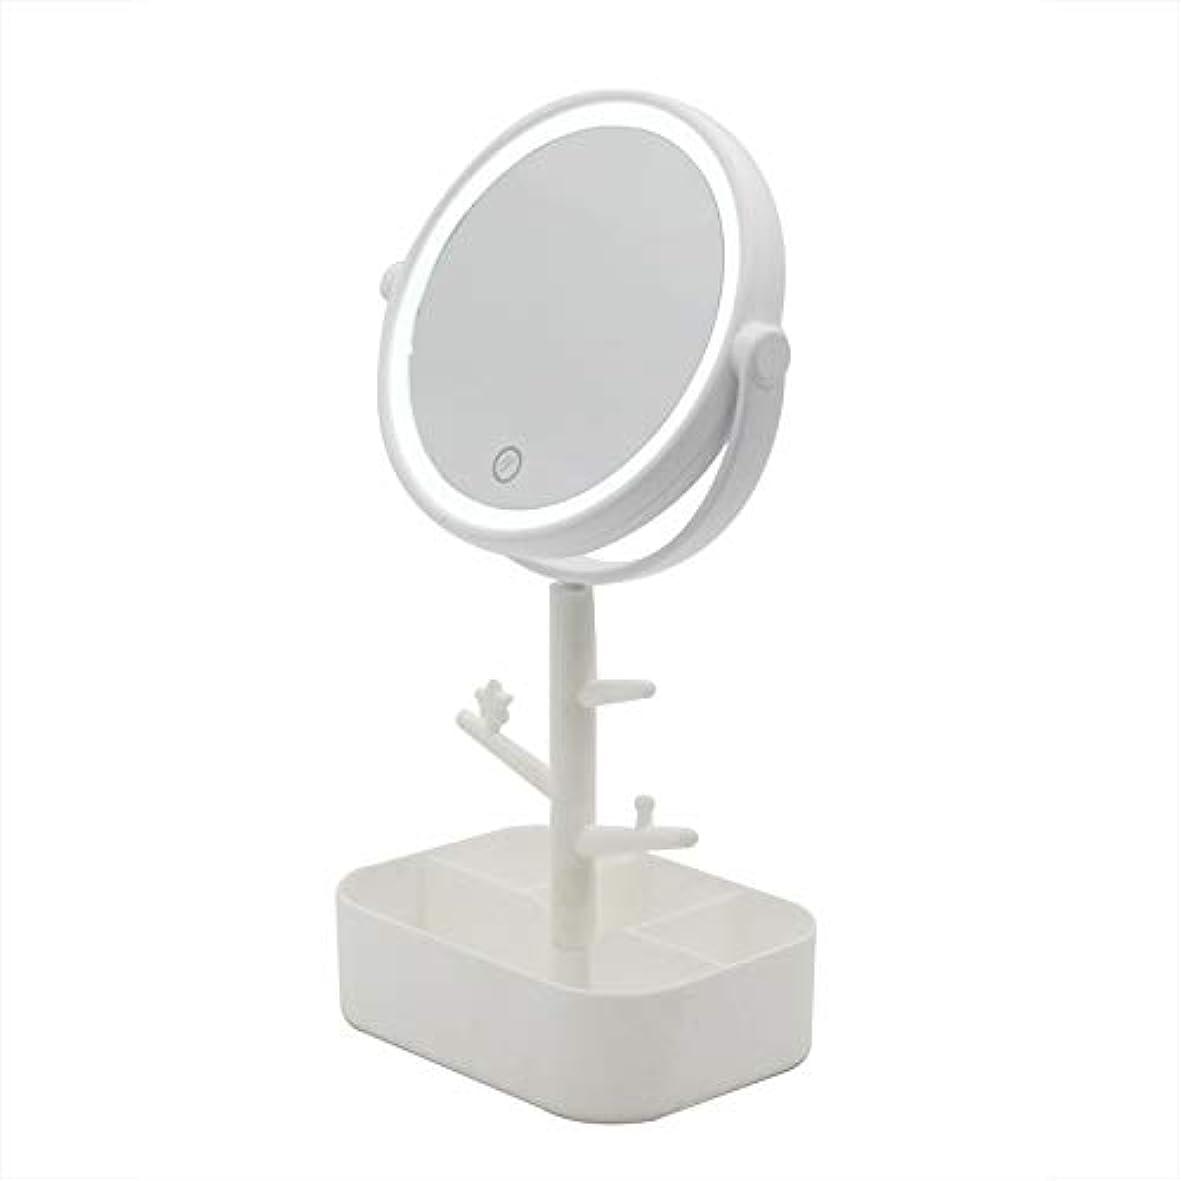 ドライブボス疫病Lecone LED化粧鏡 女優ミラー 卓上ミラー 360度調整可能 スタンドミラー LEDライト メイク 化粧道具 円型 収納ケース 可収納 USB給電 (ホワイト)